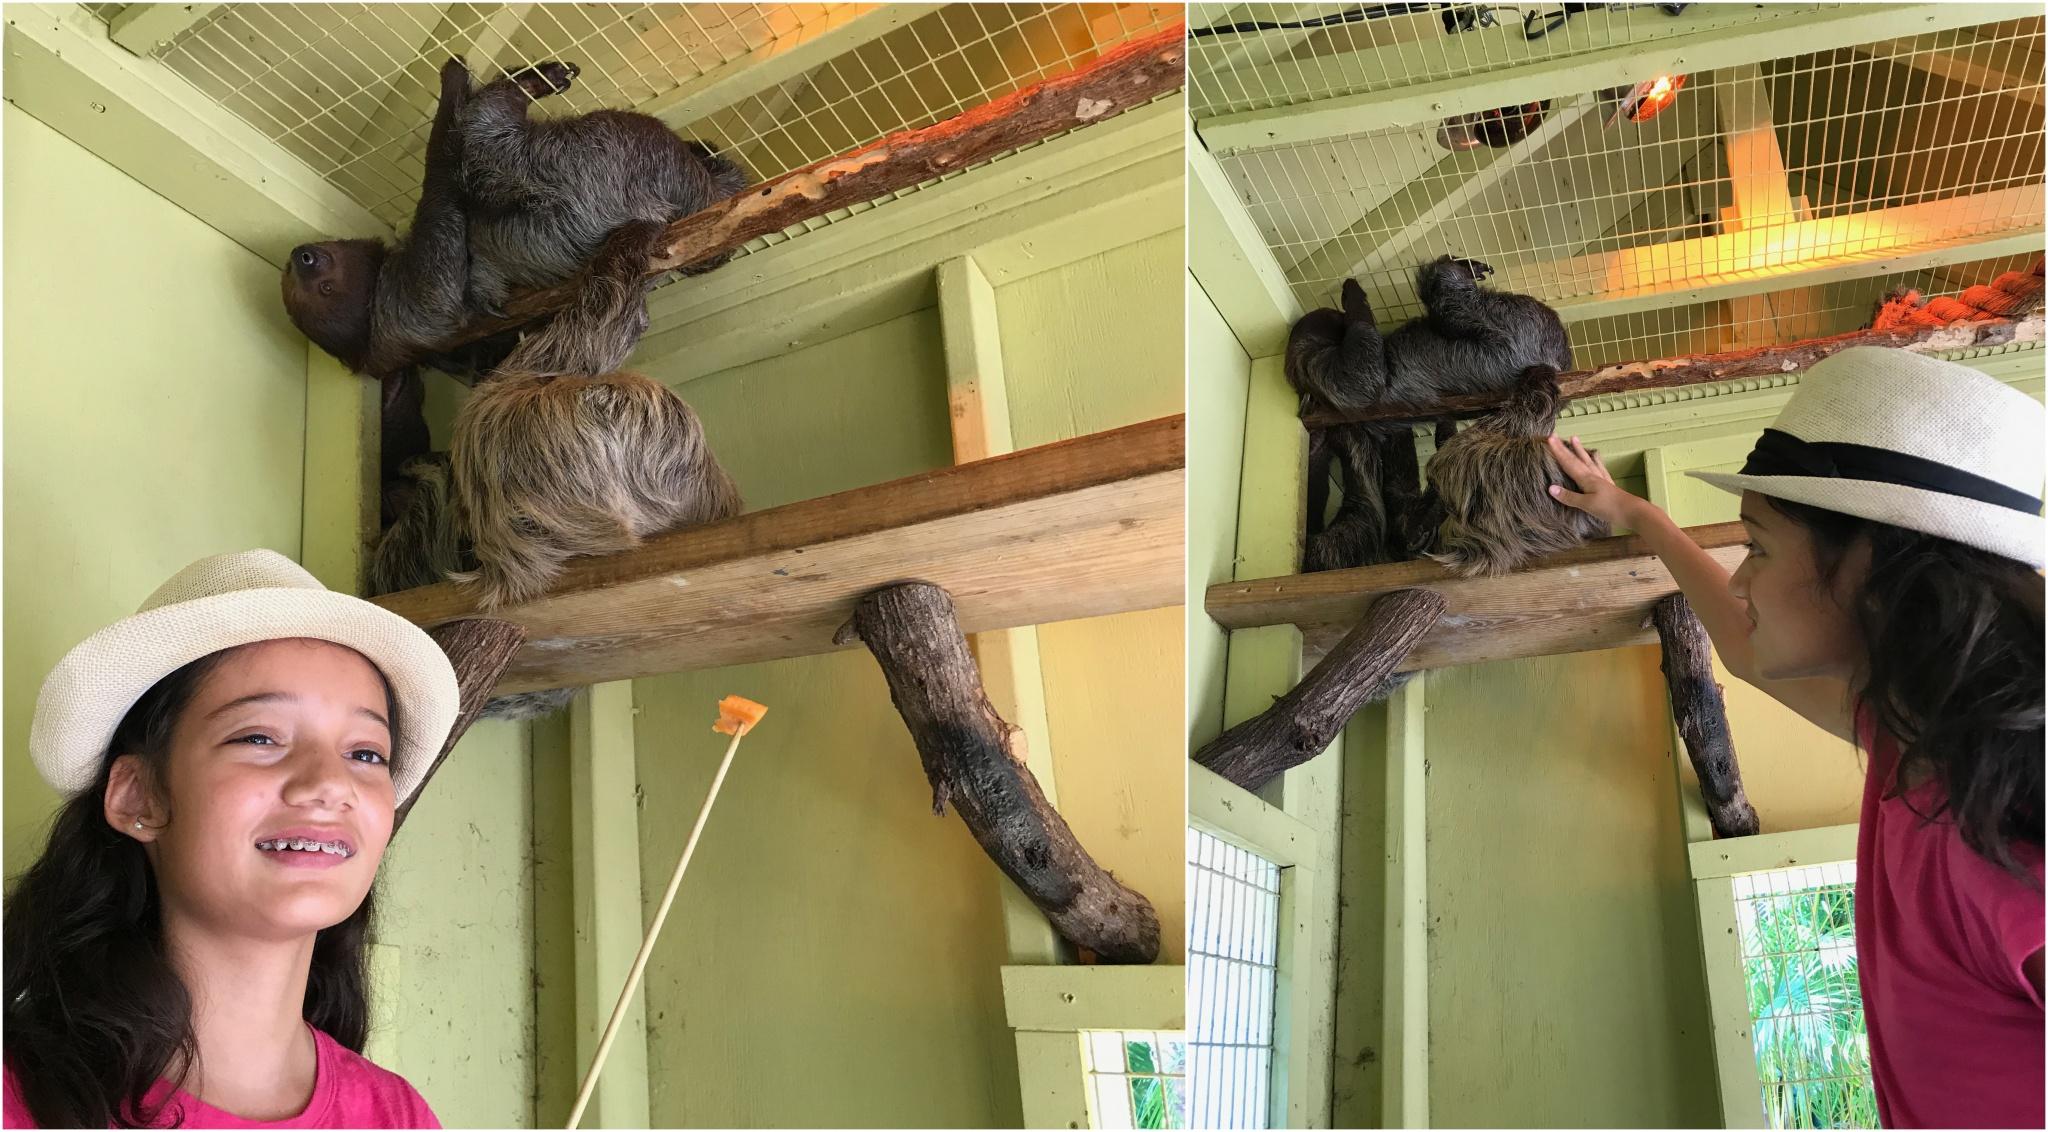 sloth interaction at Jungle Island